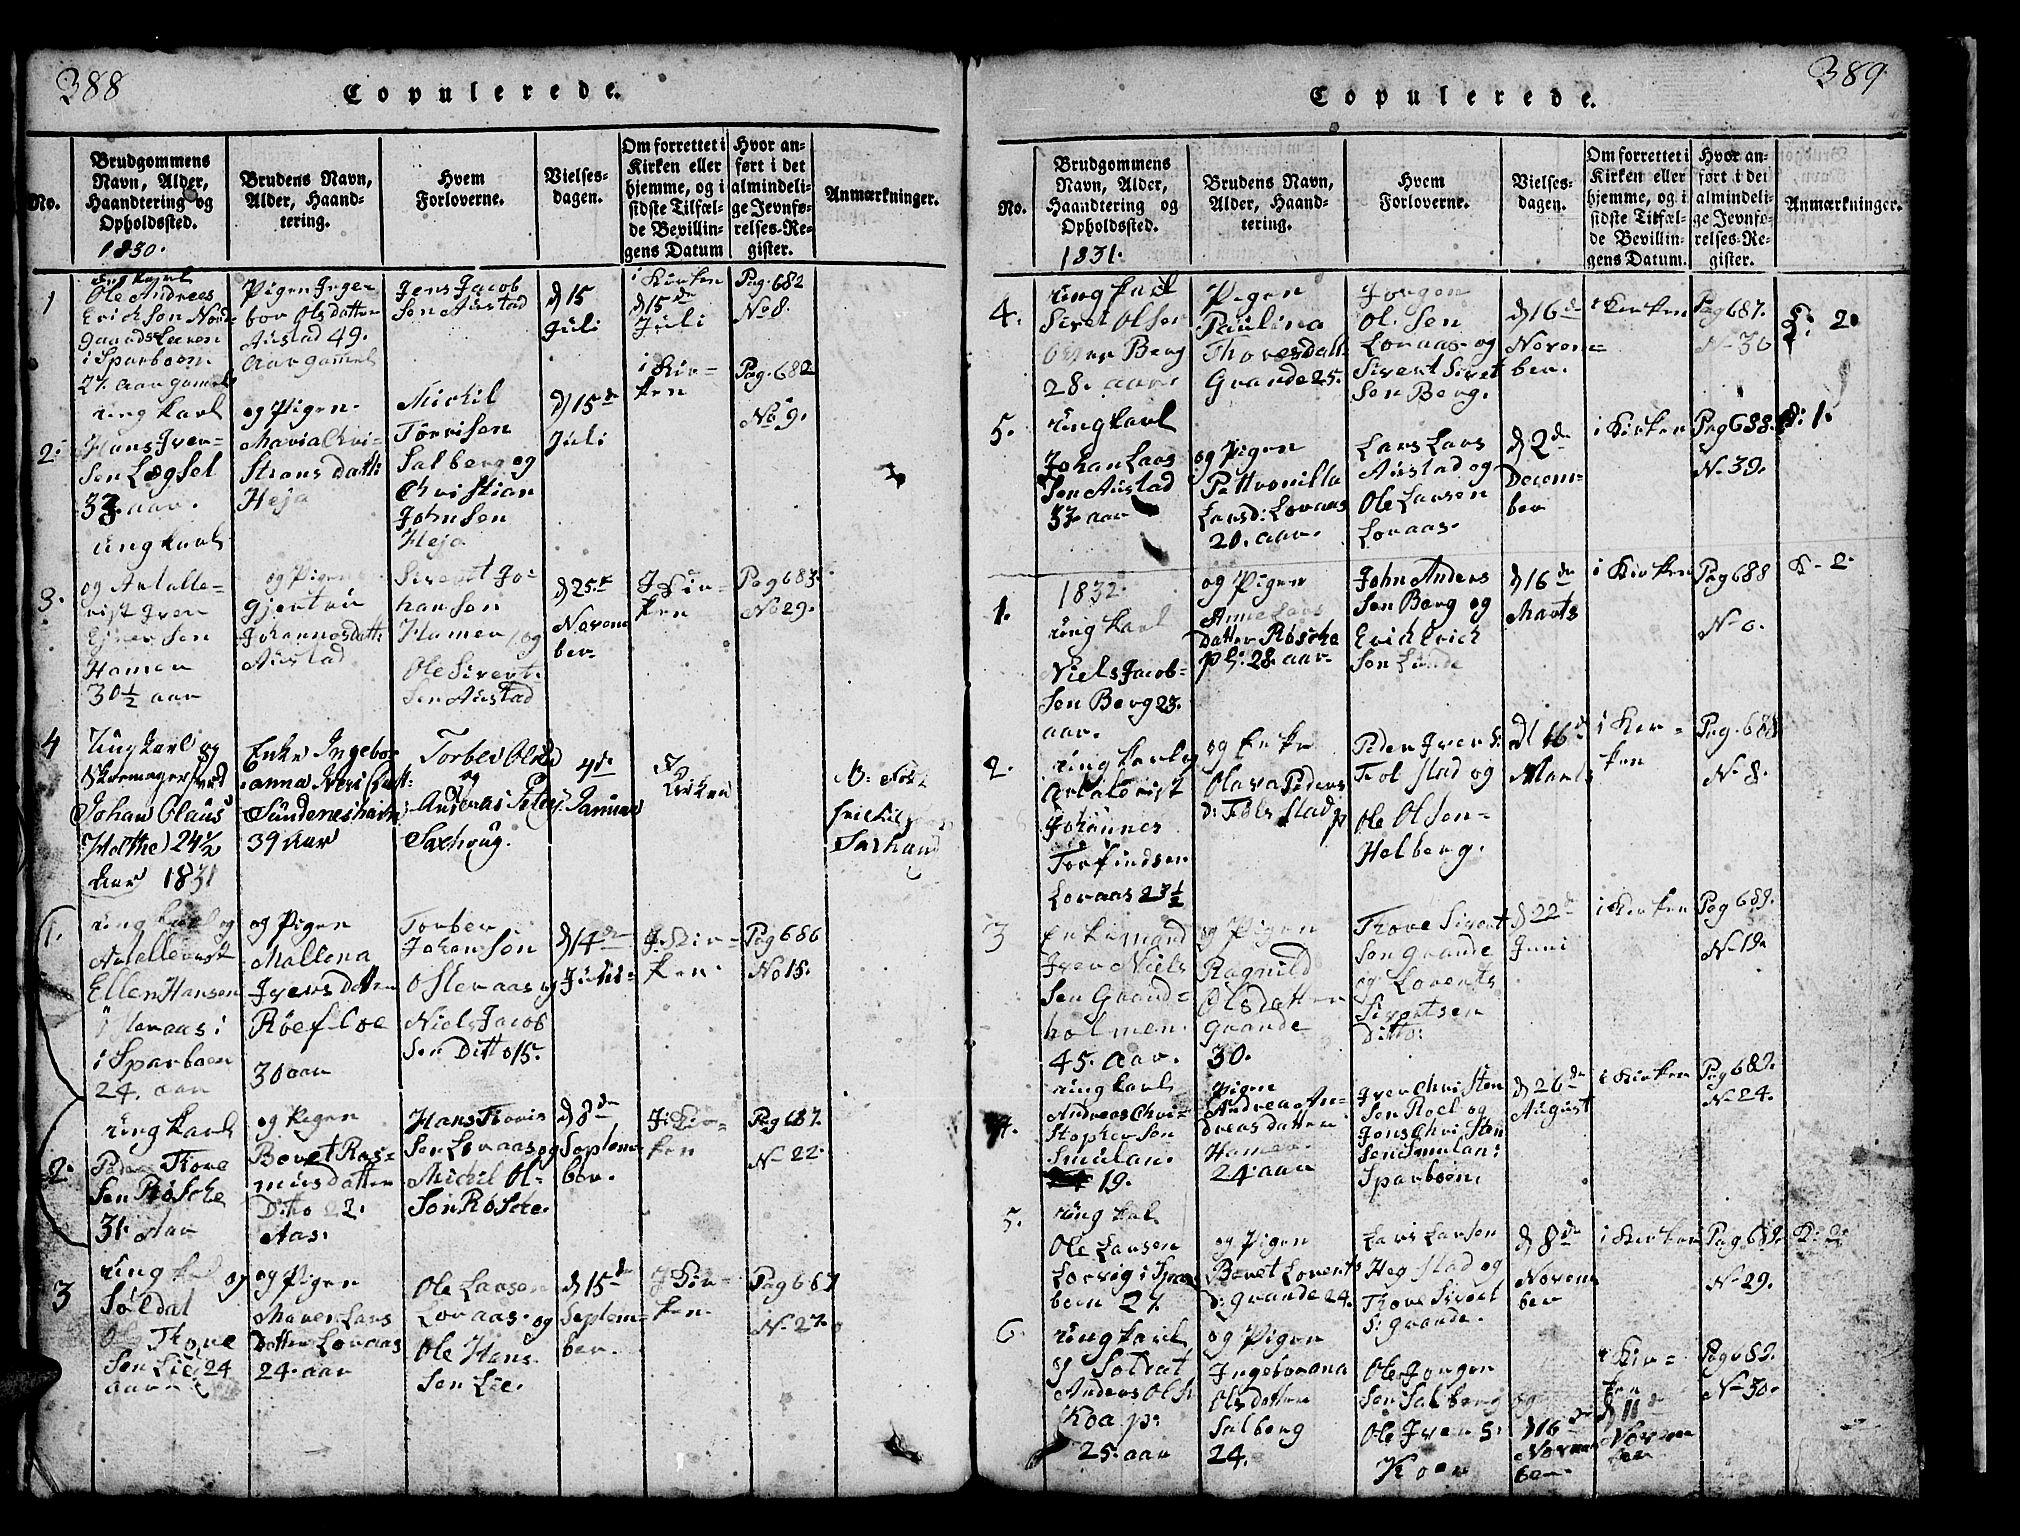 SAT, Ministerialprotokoller, klokkerbøker og fødselsregistre - Nord-Trøndelag, 731/L0310: Klokkerbok nr. 731C01, 1816-1874, s. 388-389